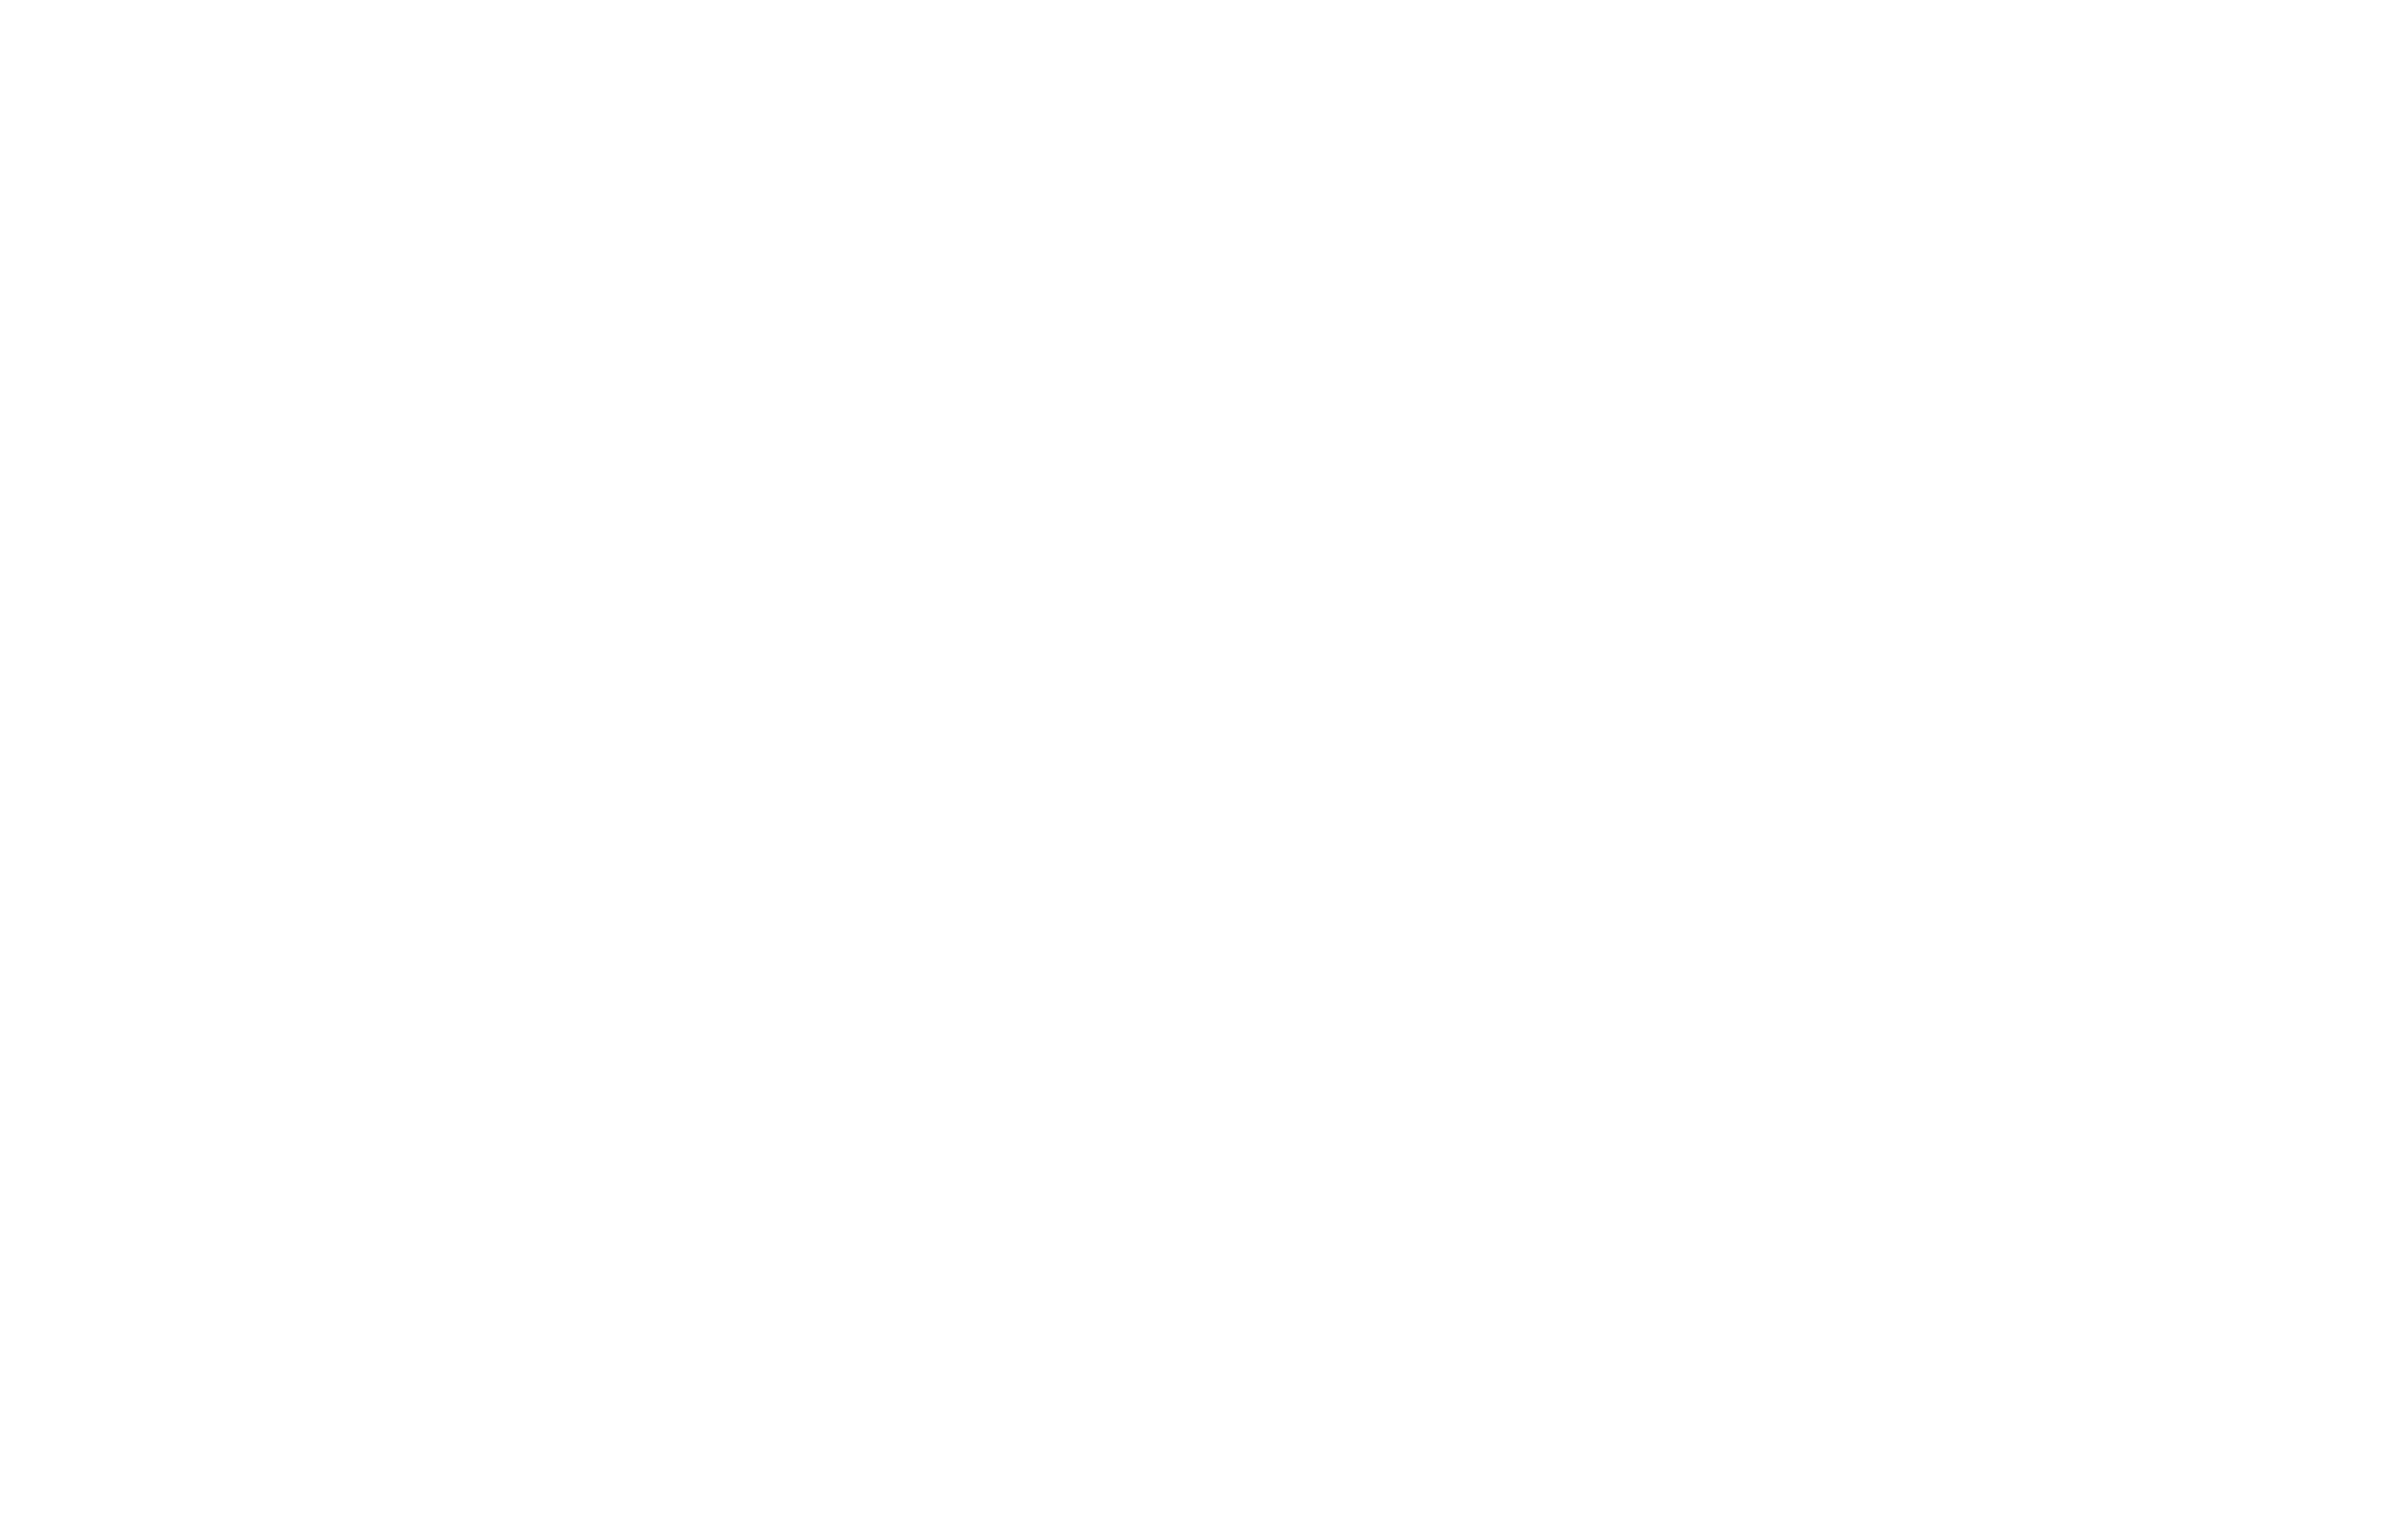 J Genesis Media